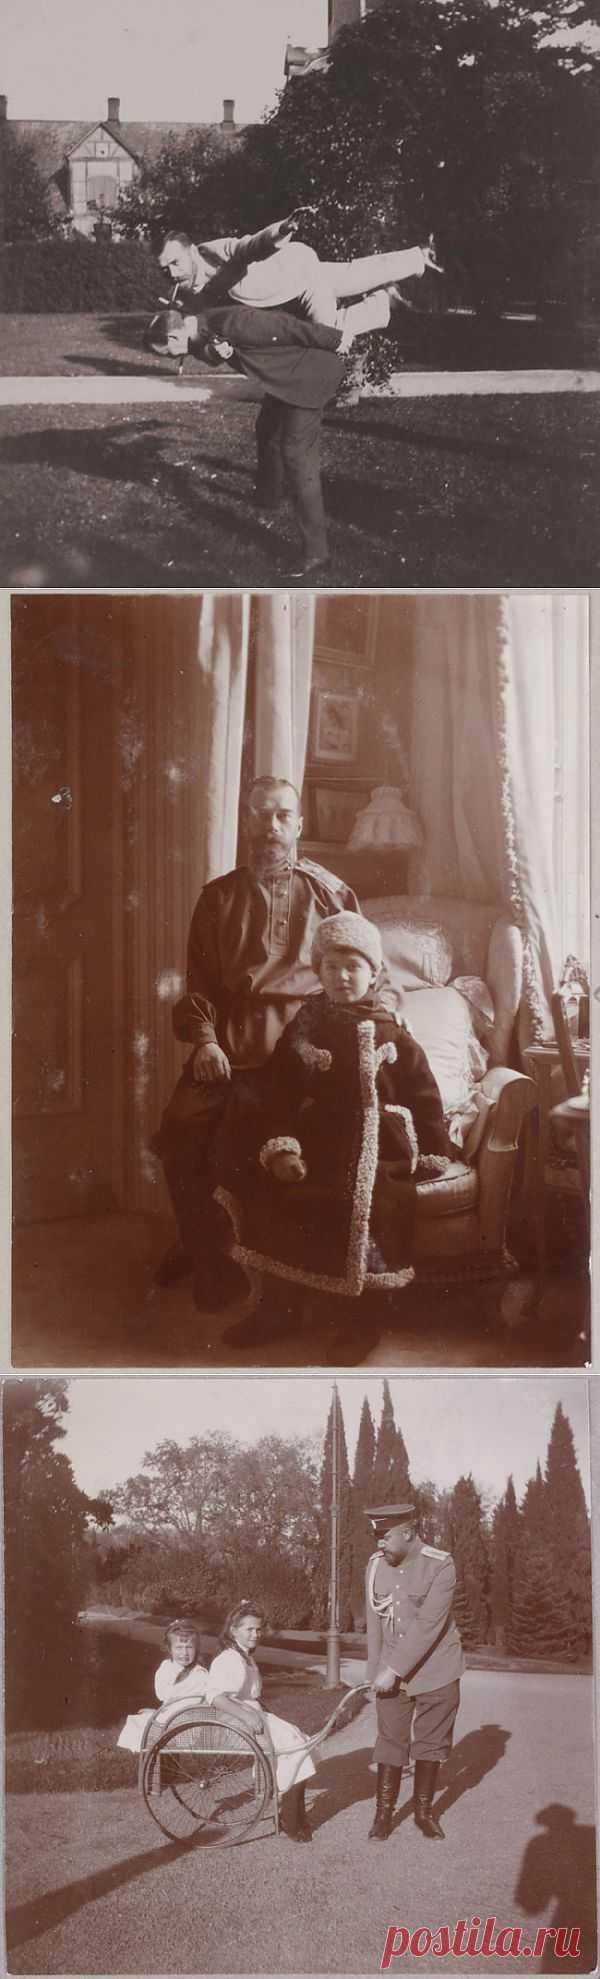 Редкие фотографии царской семьи Романовых